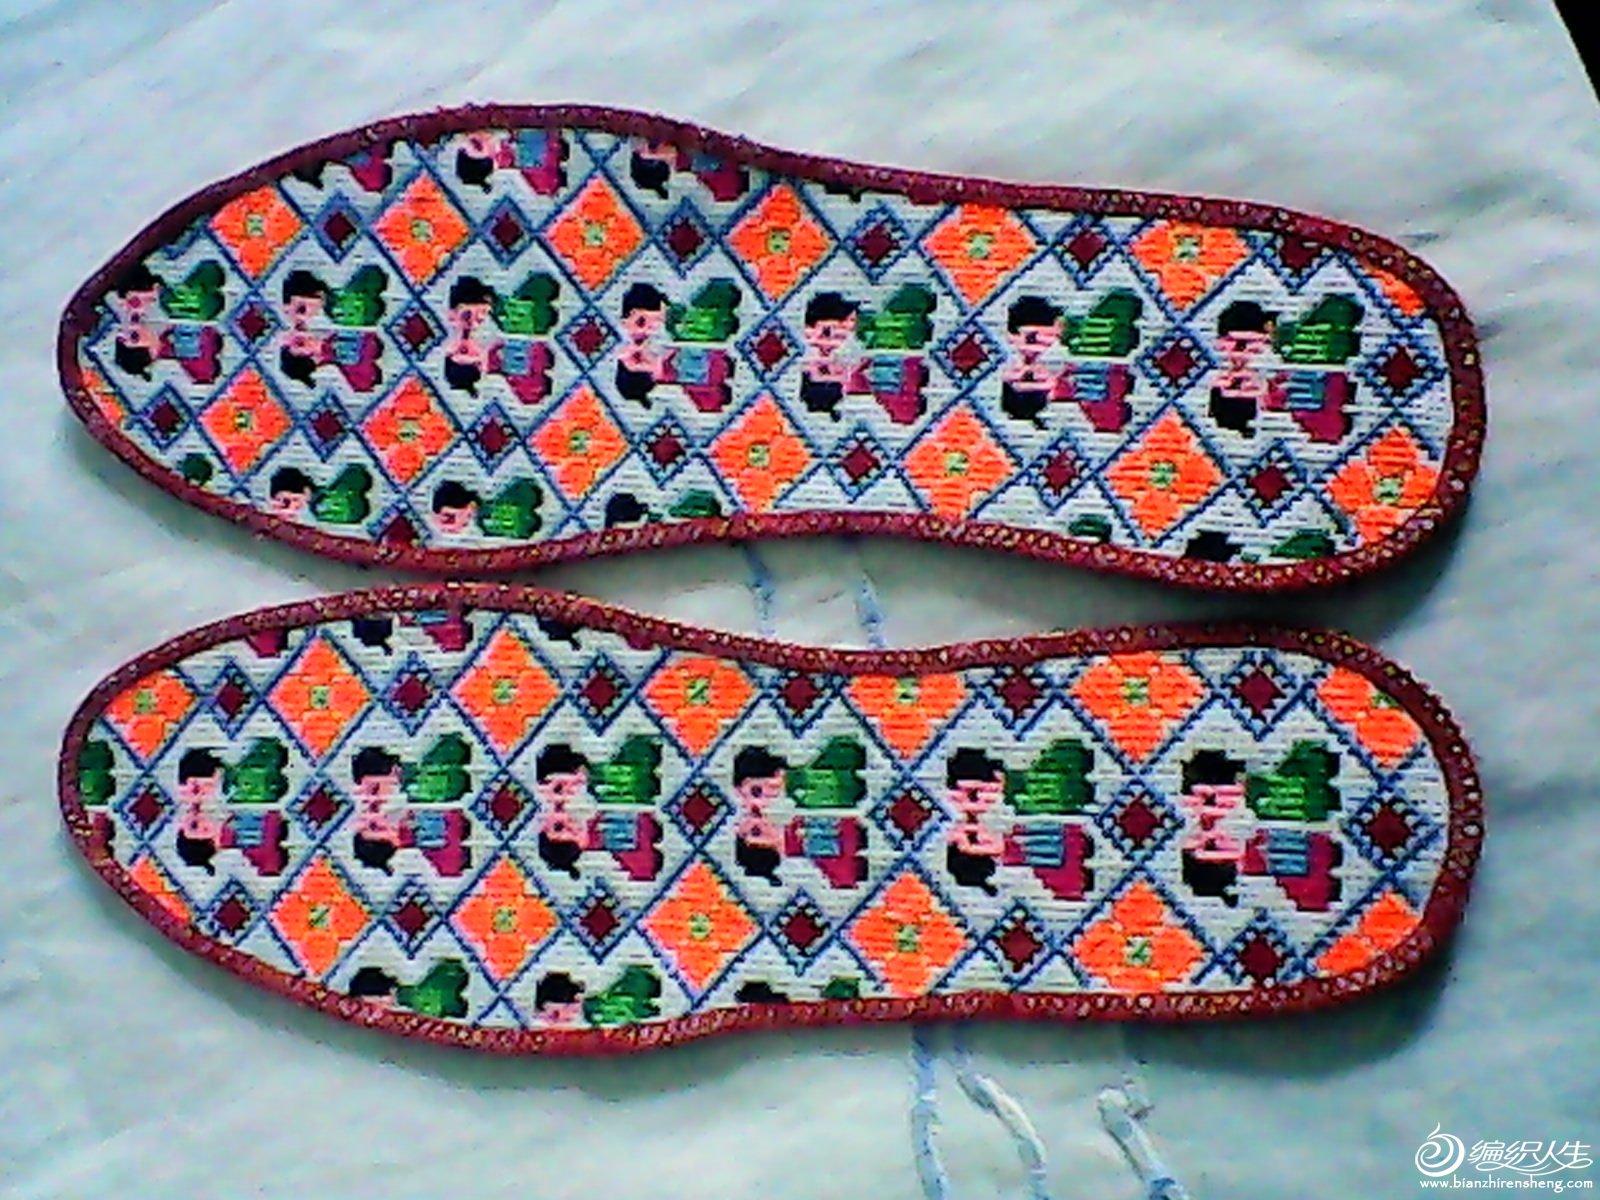 纯手工鞋垫花样图纸_纯手工鞋垫花样图纸图片分享